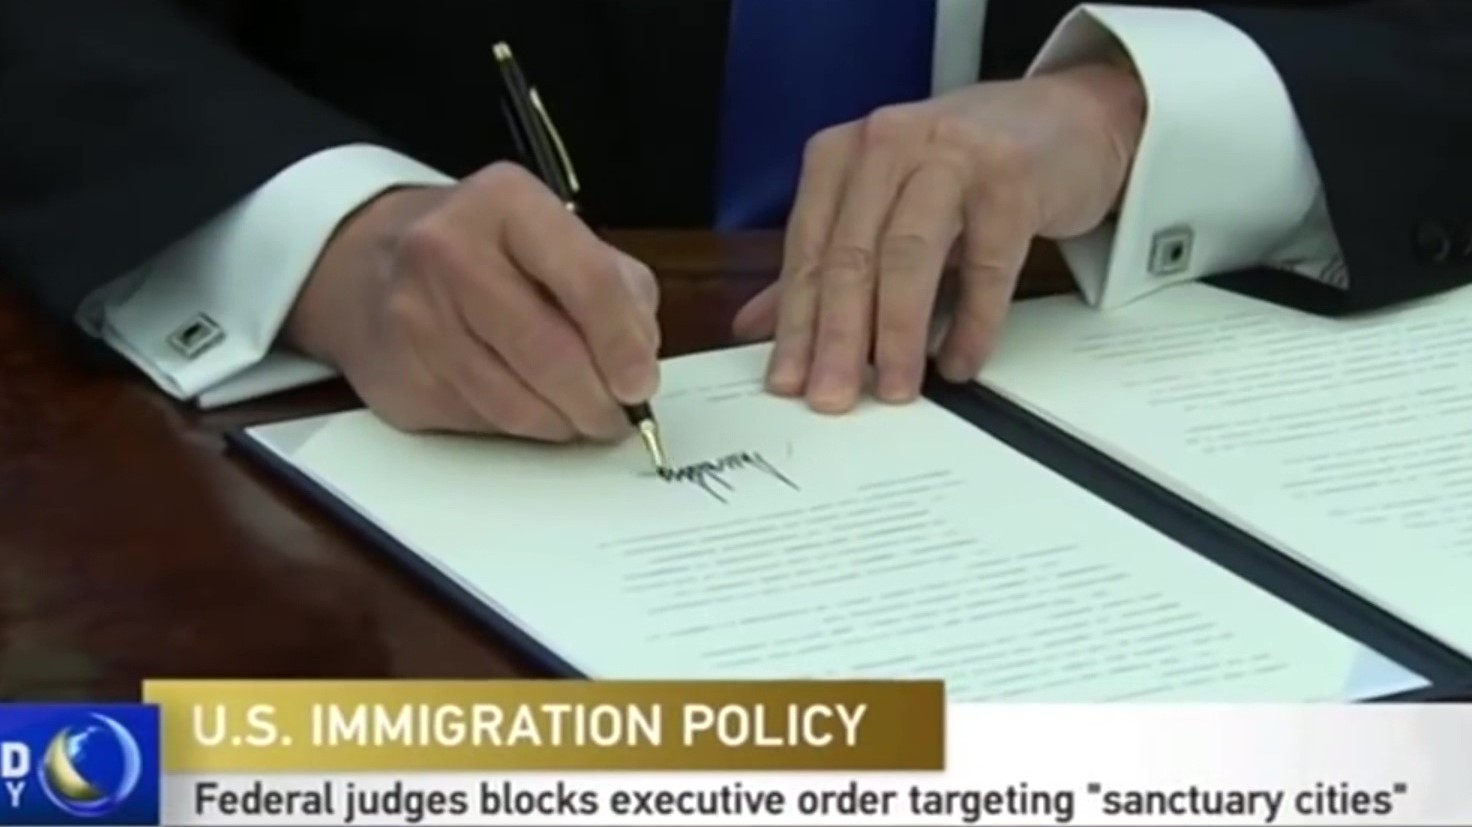 Gjykatësi federal bllokon urdhrin e Trump kundër qyteteve që ndihmojnë emigrantët